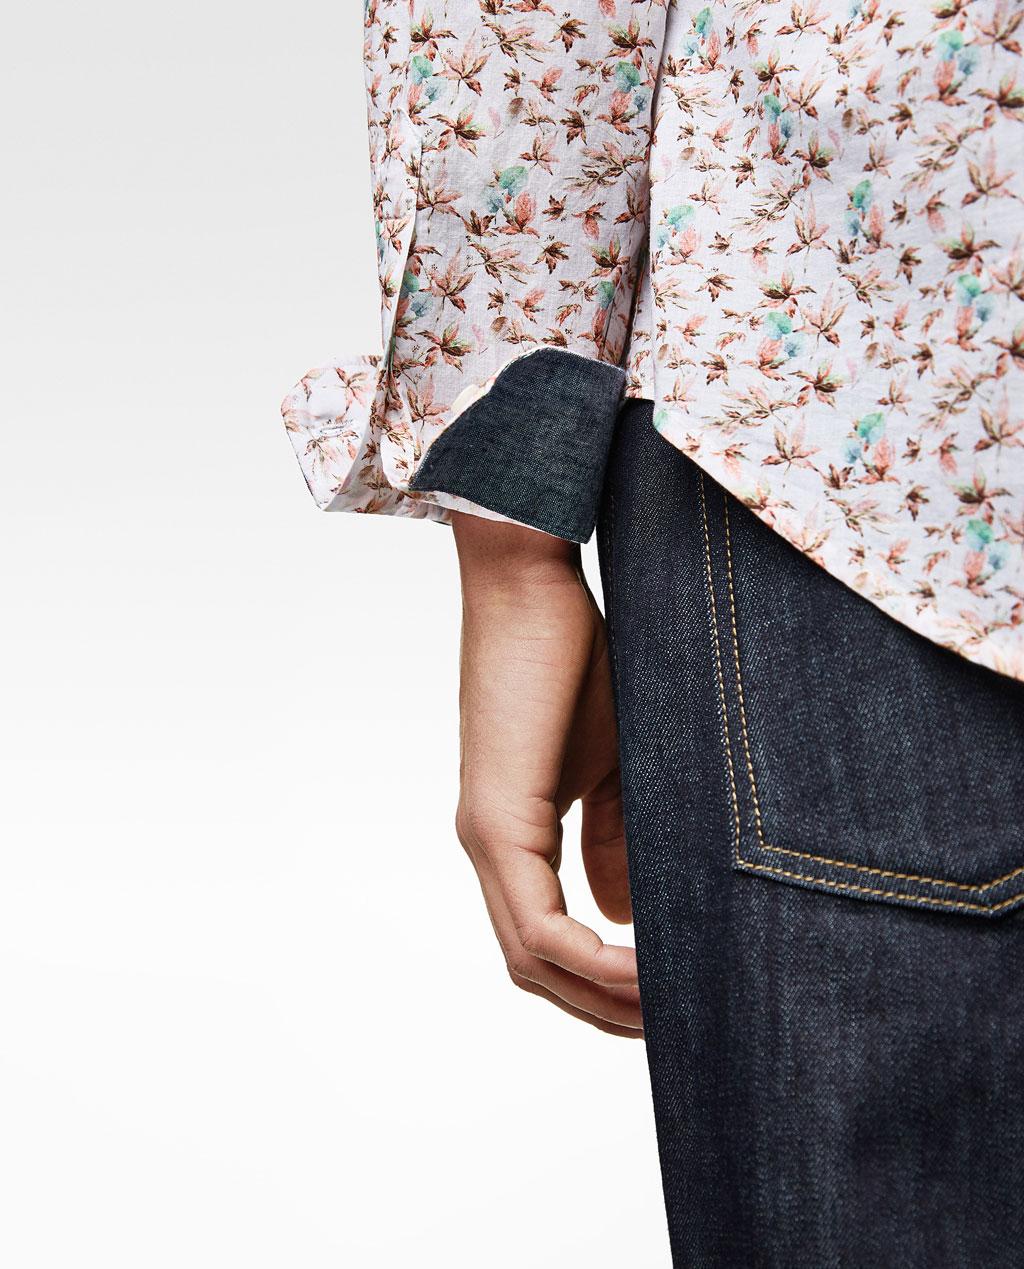 Thời trang nam Zara  24092 - ảnh 7